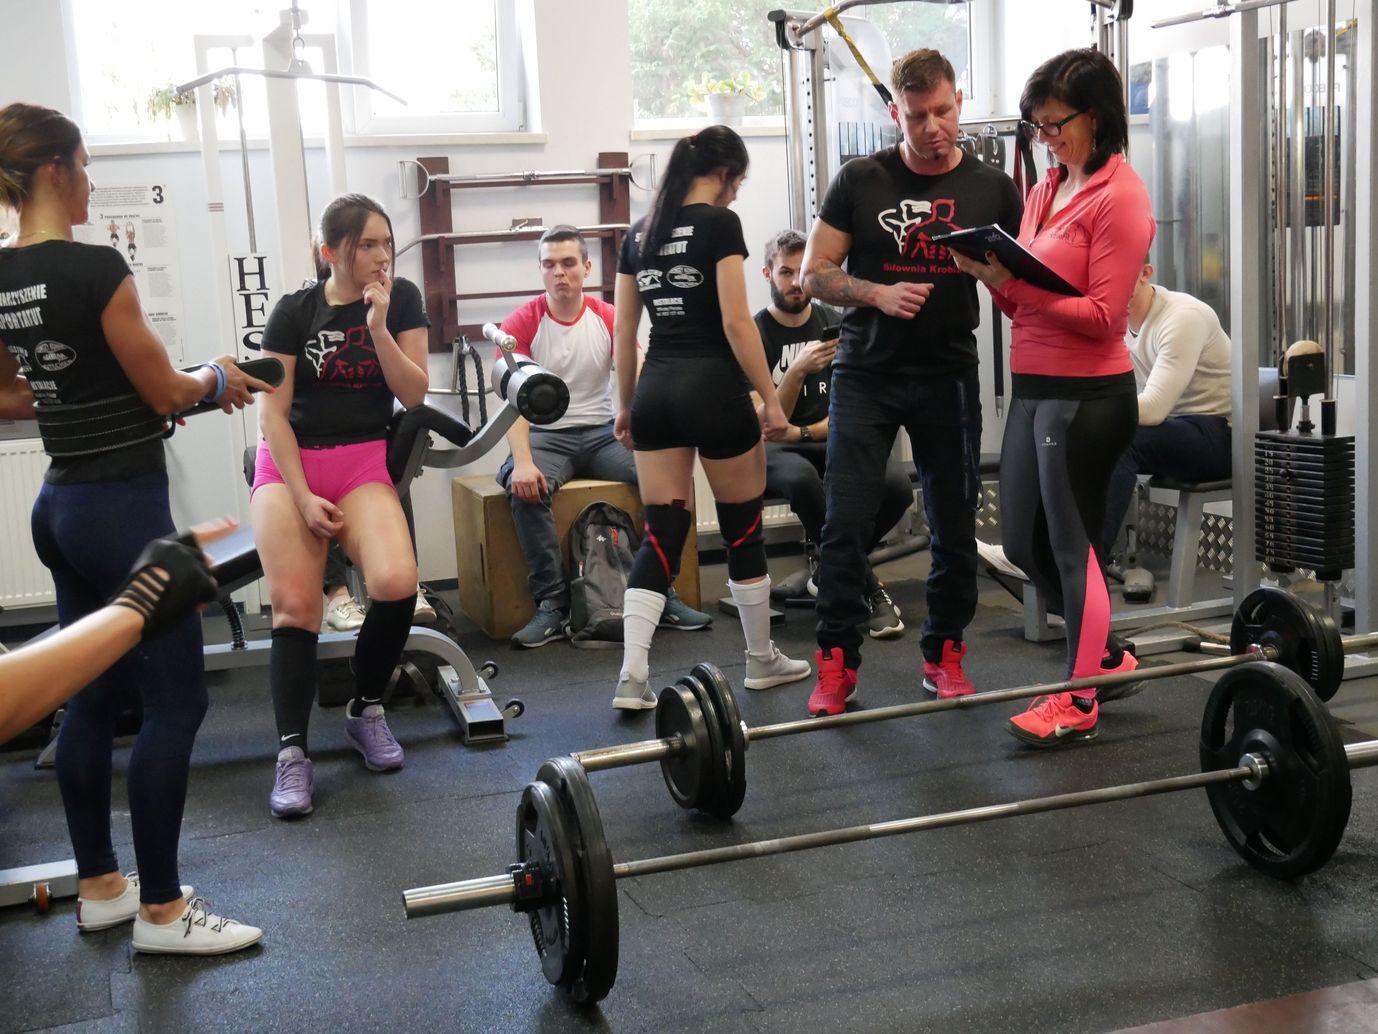 Zawody Martwy Ciąg Pleszew Fitness Klub Active Fit ul. Traugutta 30 siłownia trening personalny 9